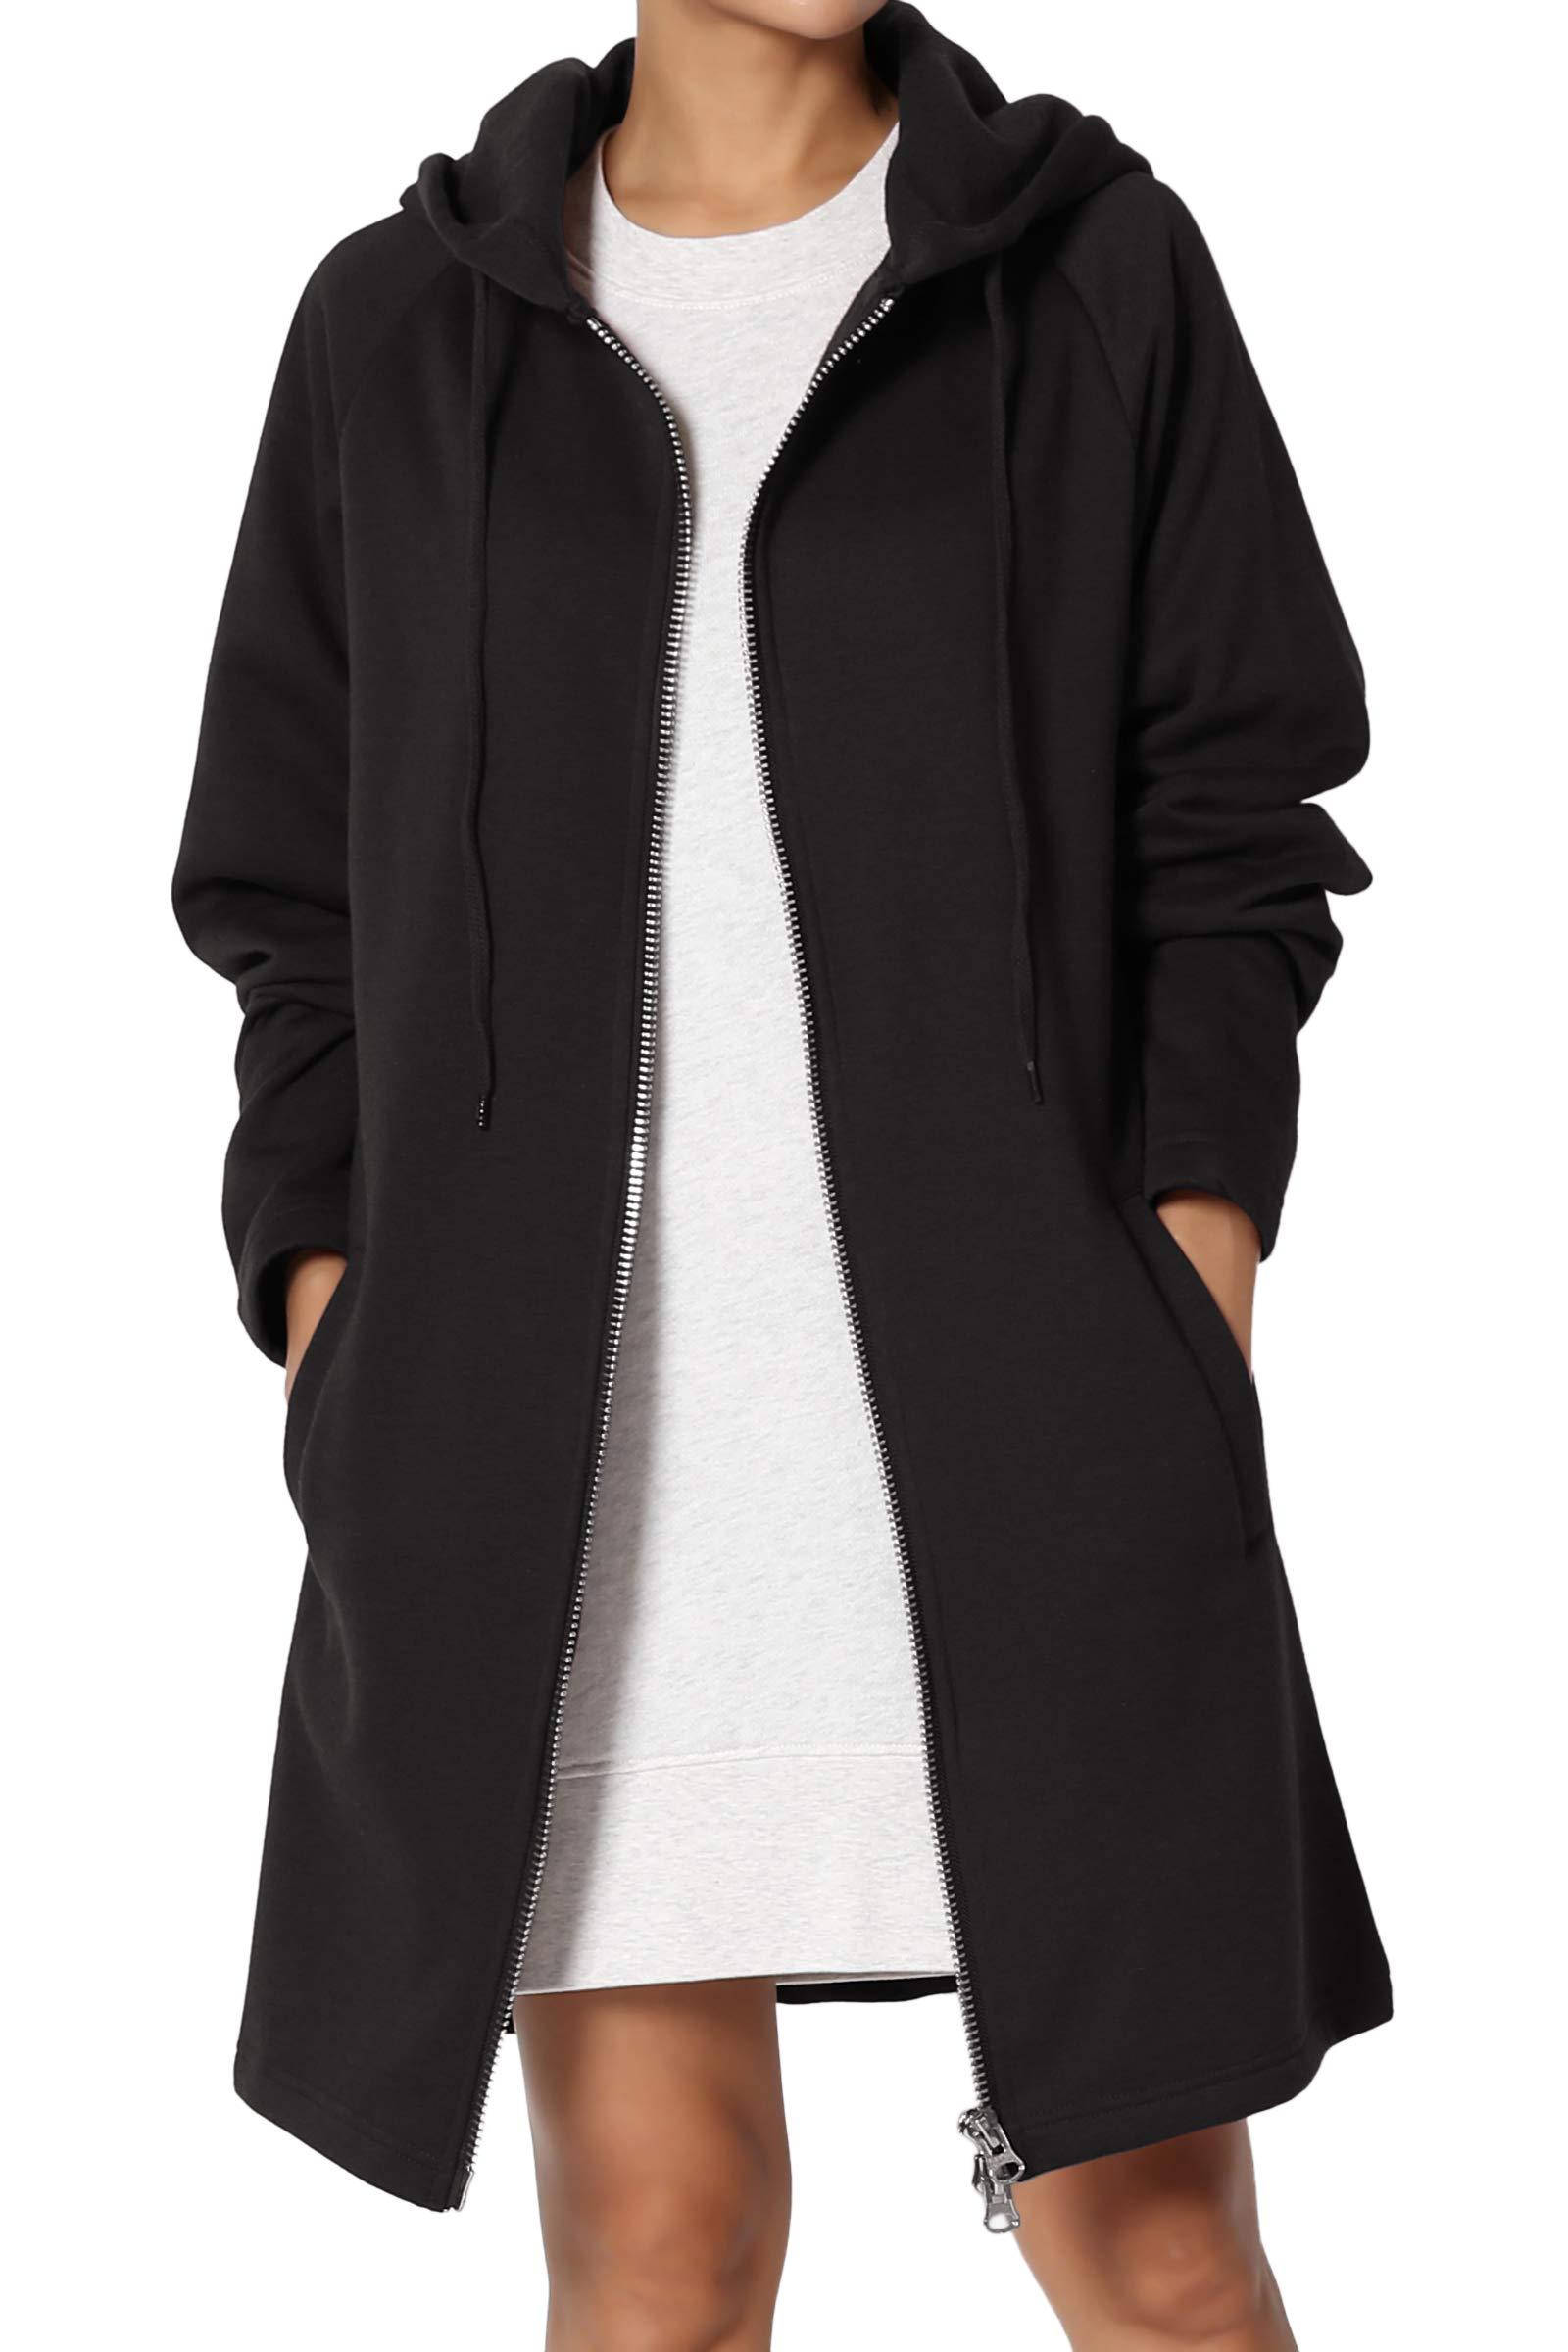 TheMogan Women's Hoodie Oversized Zip Up Long Fleece Sweat Jacket Black S/M